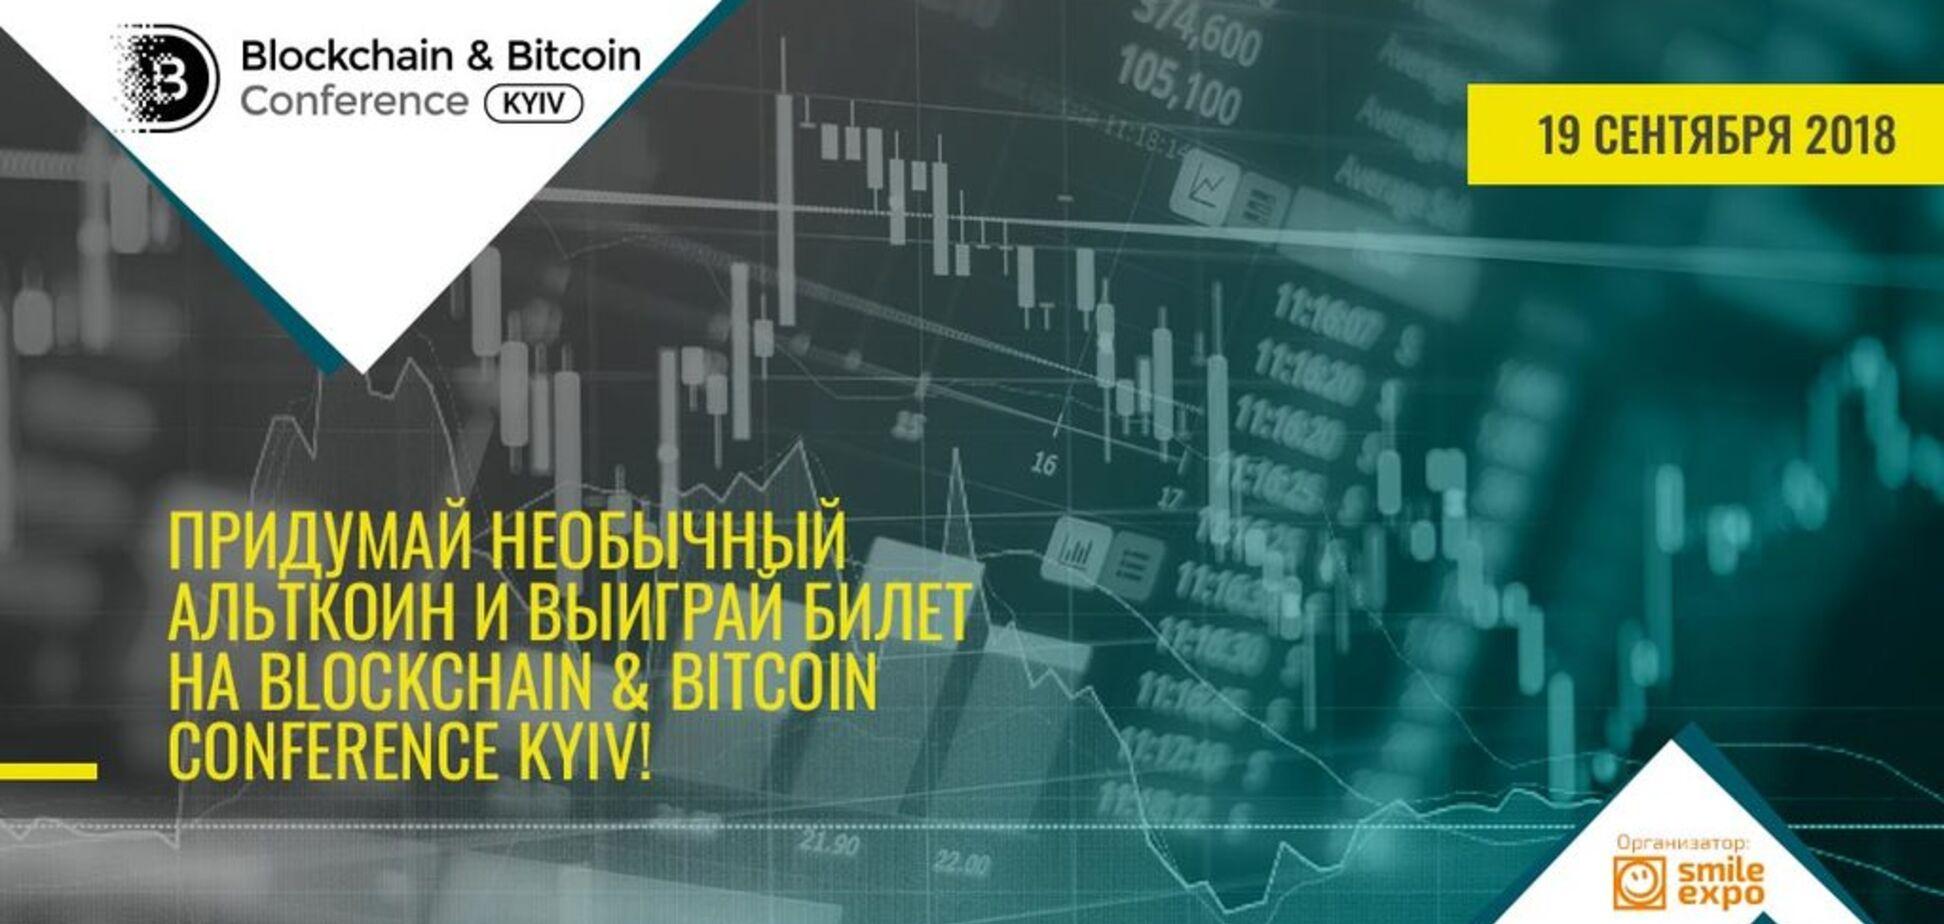 Придумайте свою криптовалюту: розыгрыш билетов на блокчейн-конференцию в Киеве